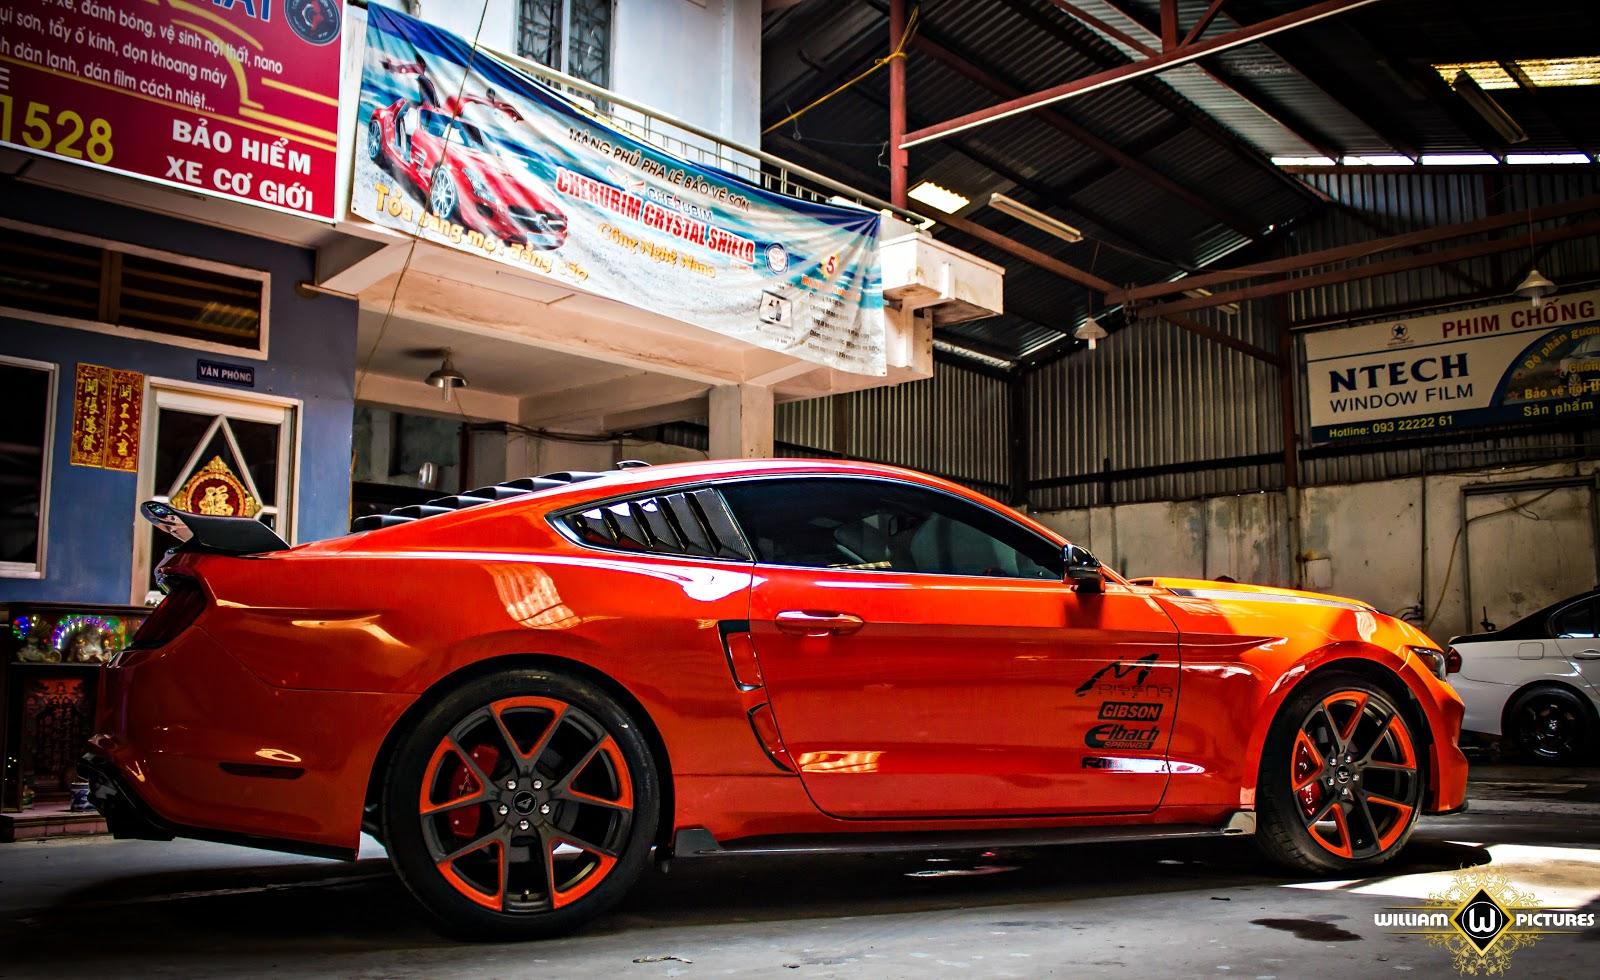 Chói chang Ford Mustang Rocket rực lửa tại Sài Gòn